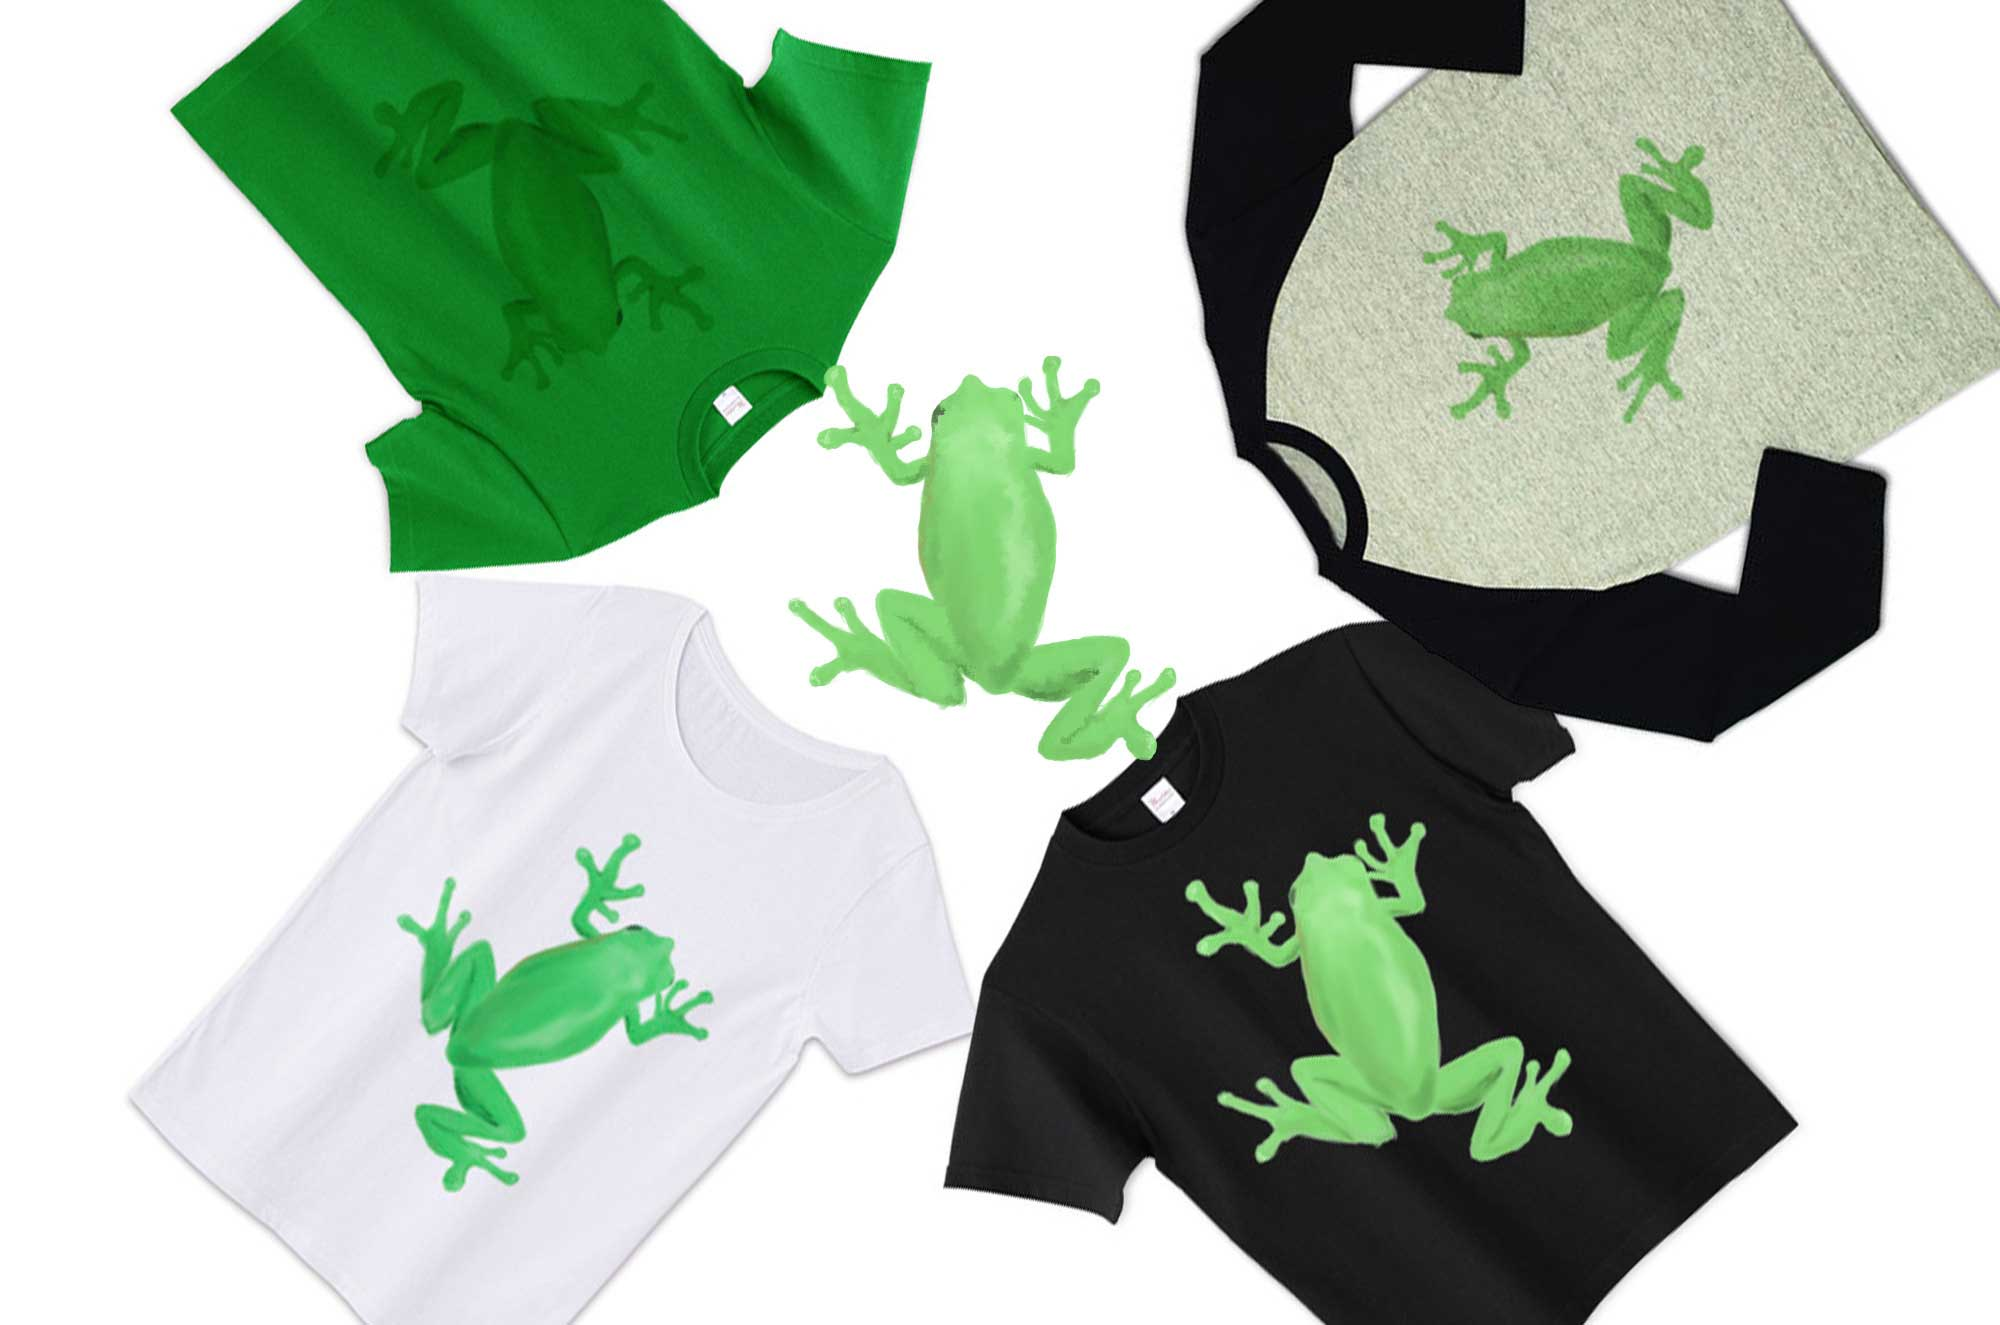 カエルTシャツ - 可愛い蛙のメンズ・レディース